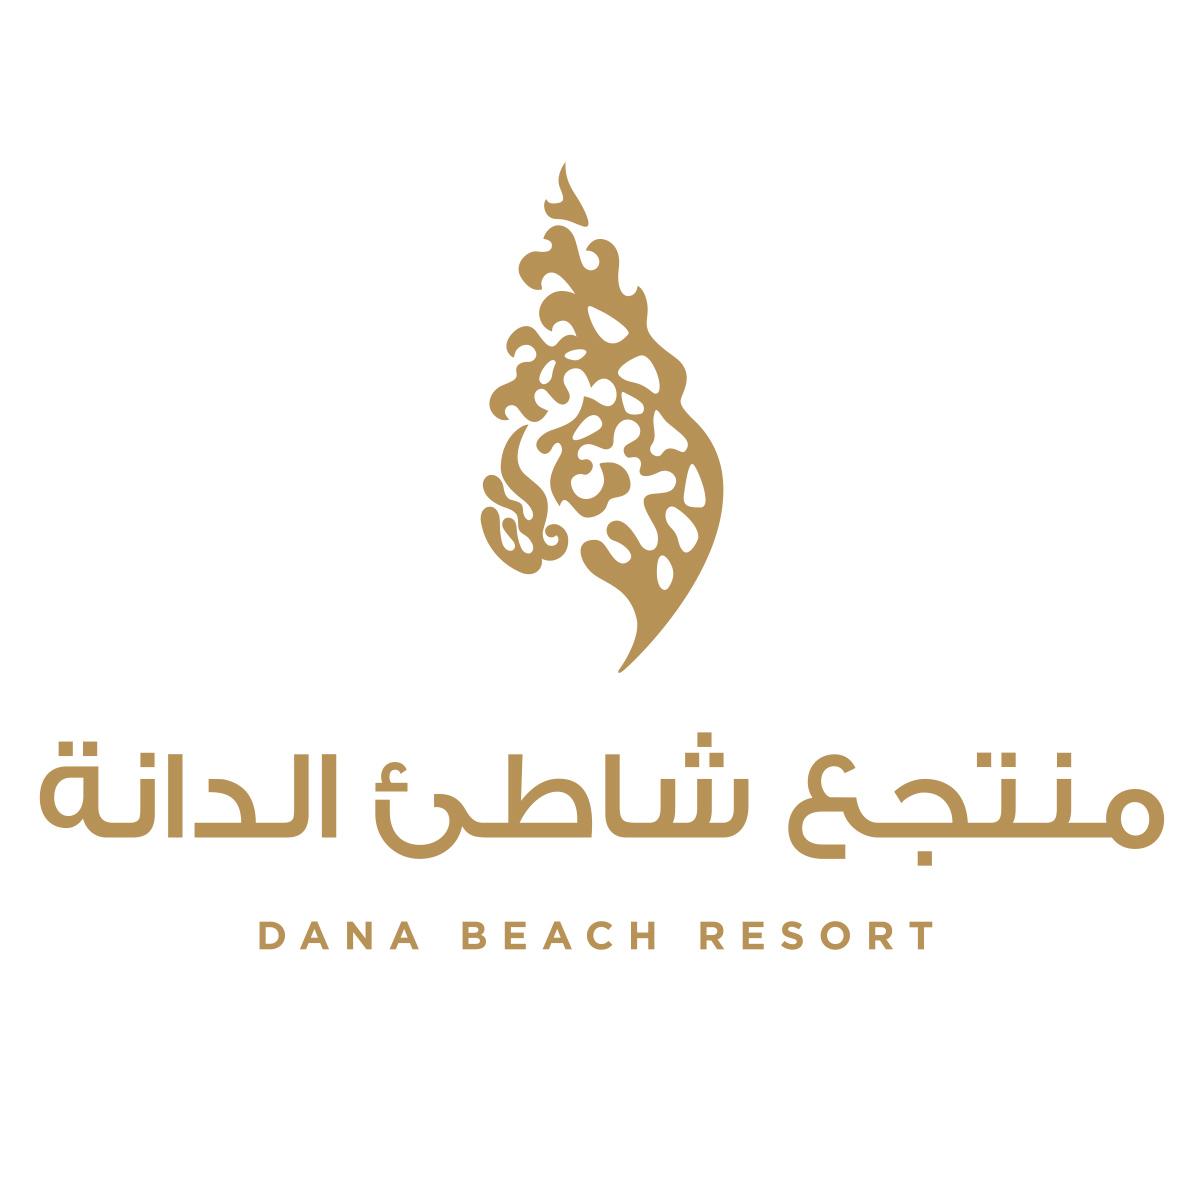 Dana Bay